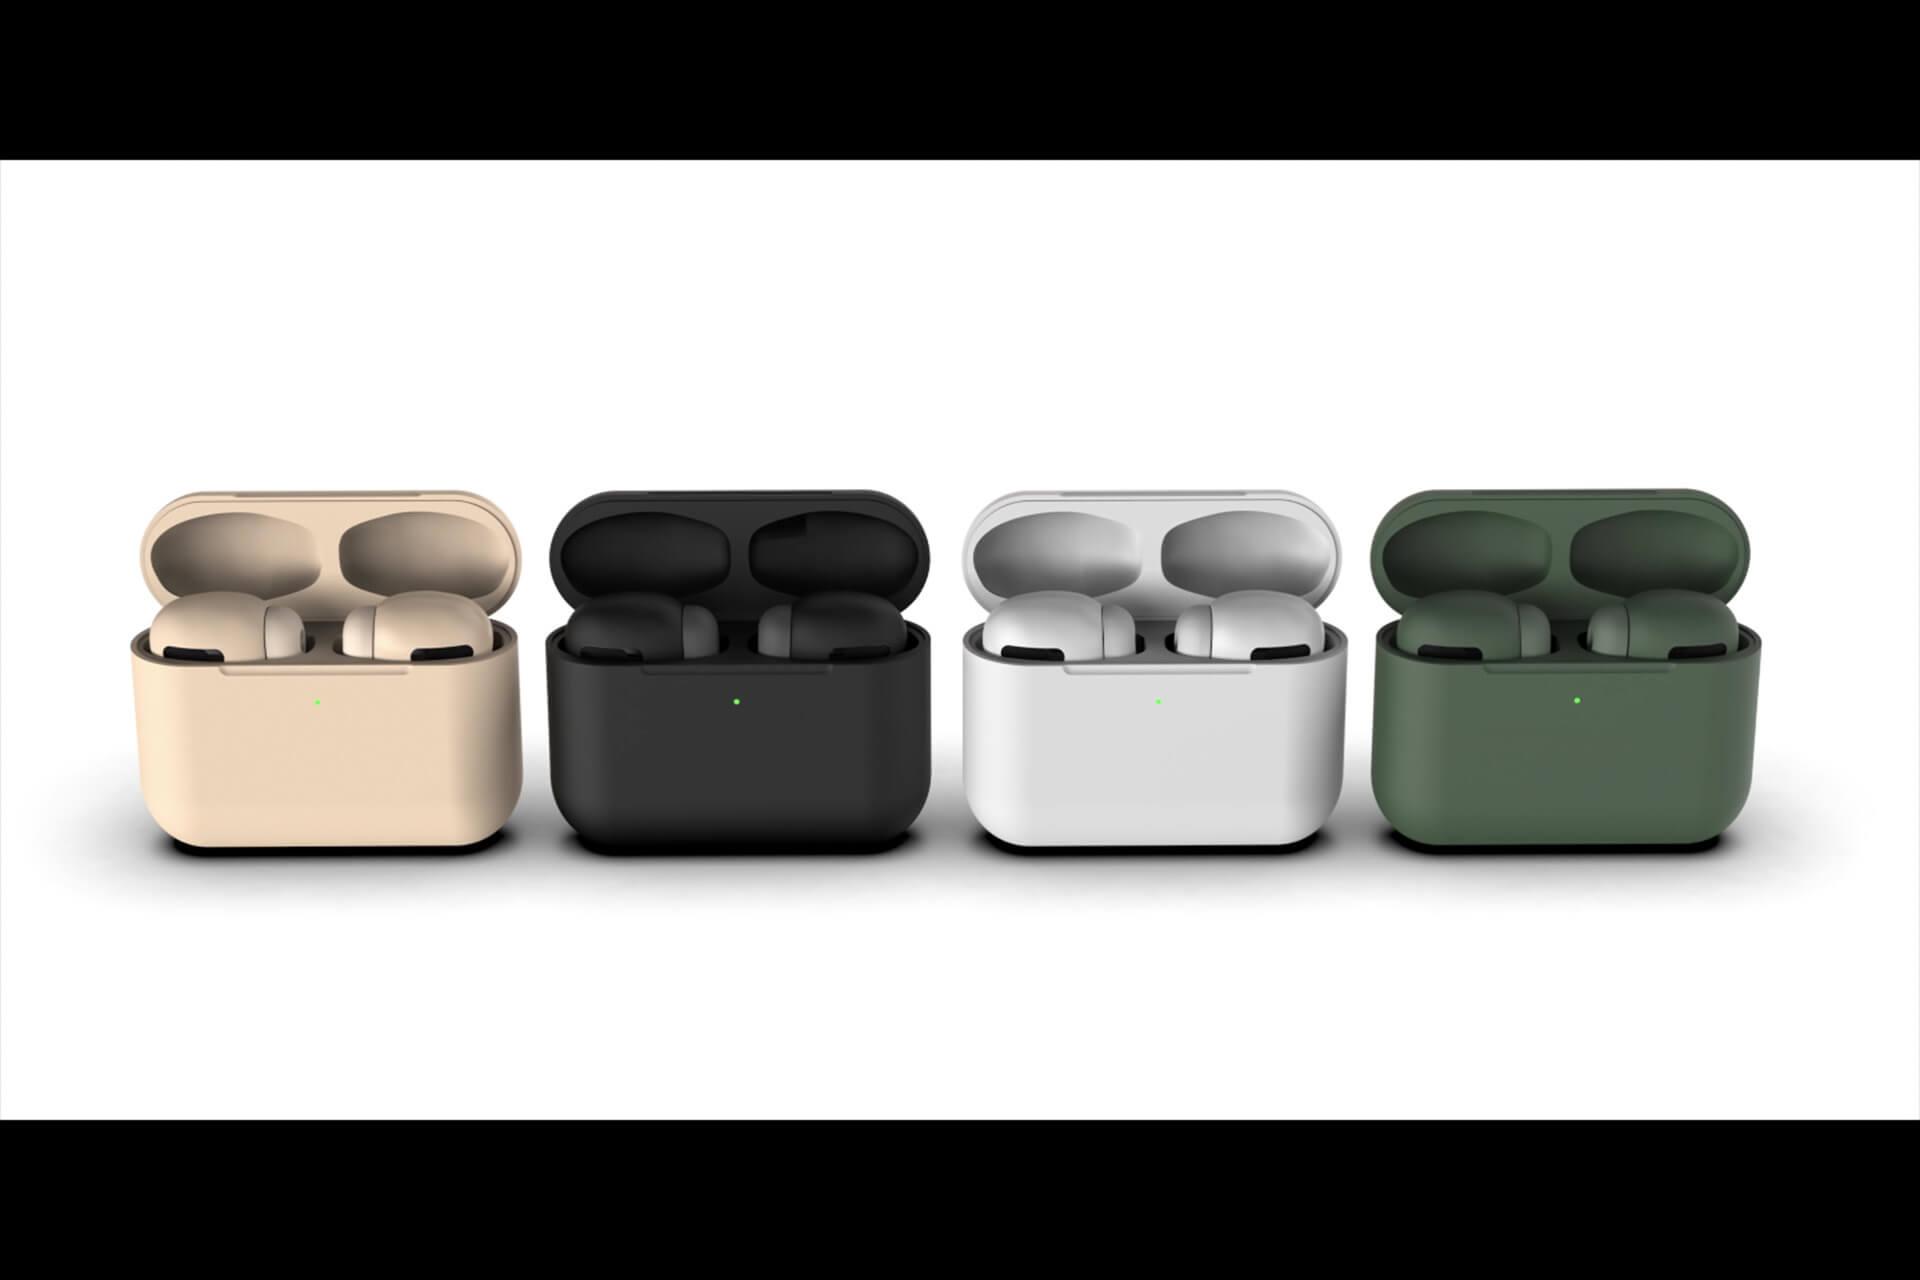 今月発表が噂される新型AirPodsは8色展開で発表か? tech191028_airpodspro_main